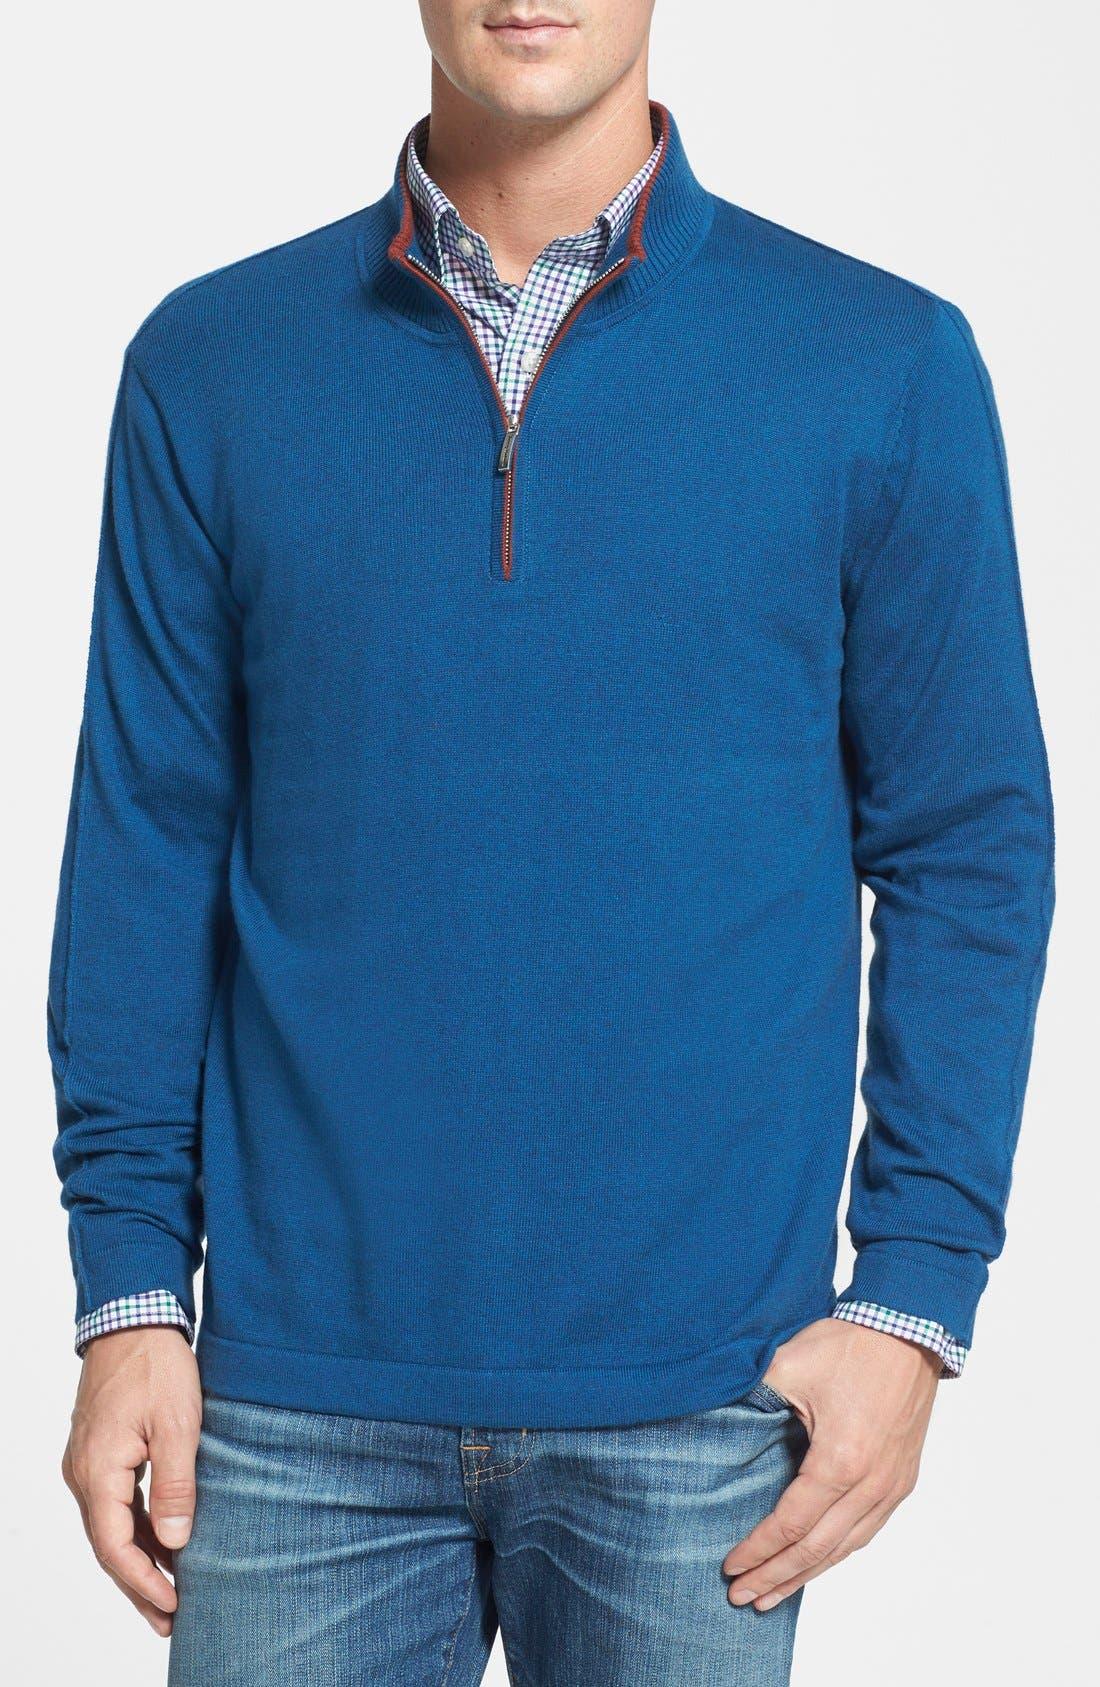 Main Image - Tommy Bahama 'Island Luxe' Half Zip Sweatshirt